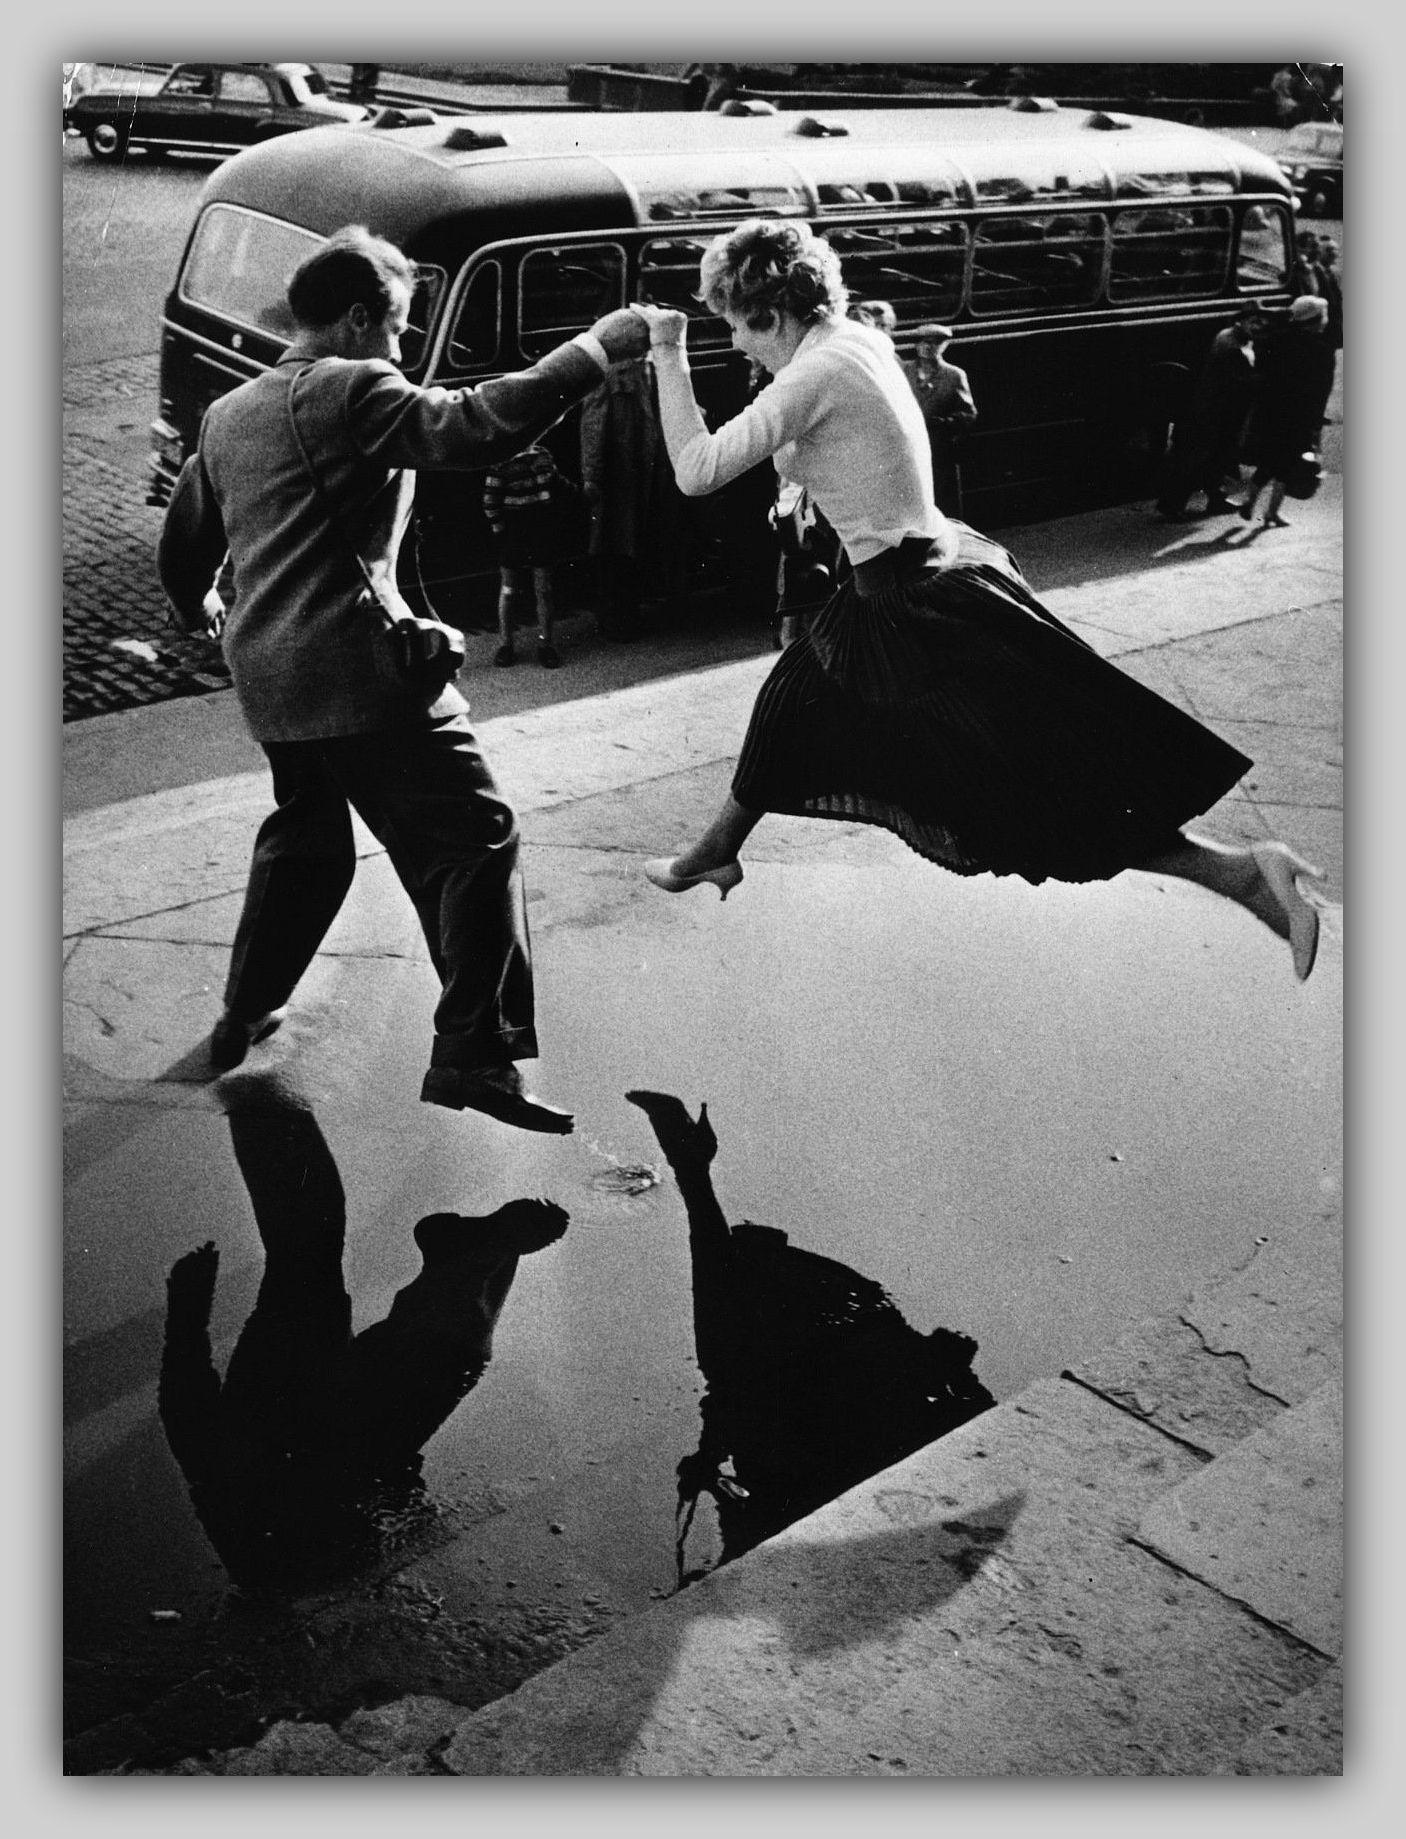 louise-faurer-1960-leap-of-fatih-final.jpg (1406×1839)